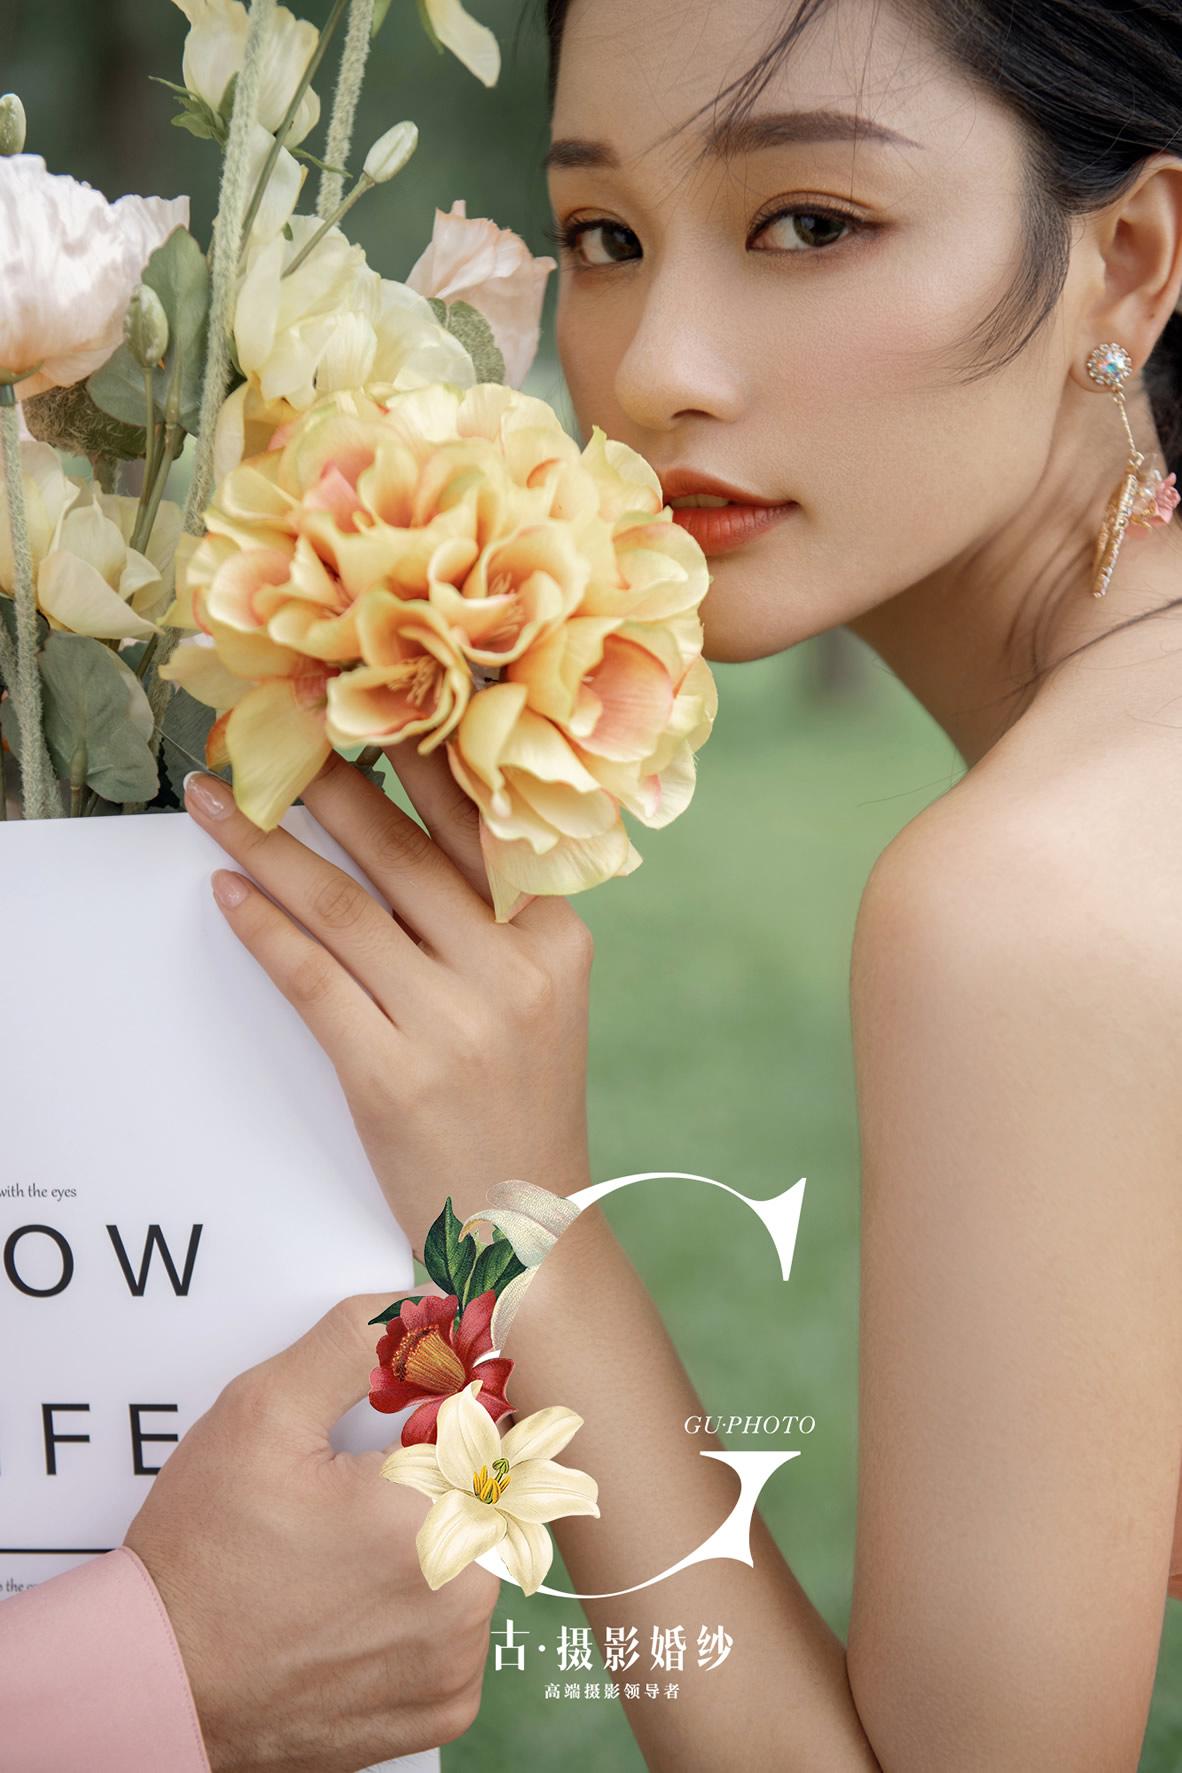 麋鹿森林《绮丽幻想》 - 拍摄地 - 广州婚纱摄影-广州古摄影官网